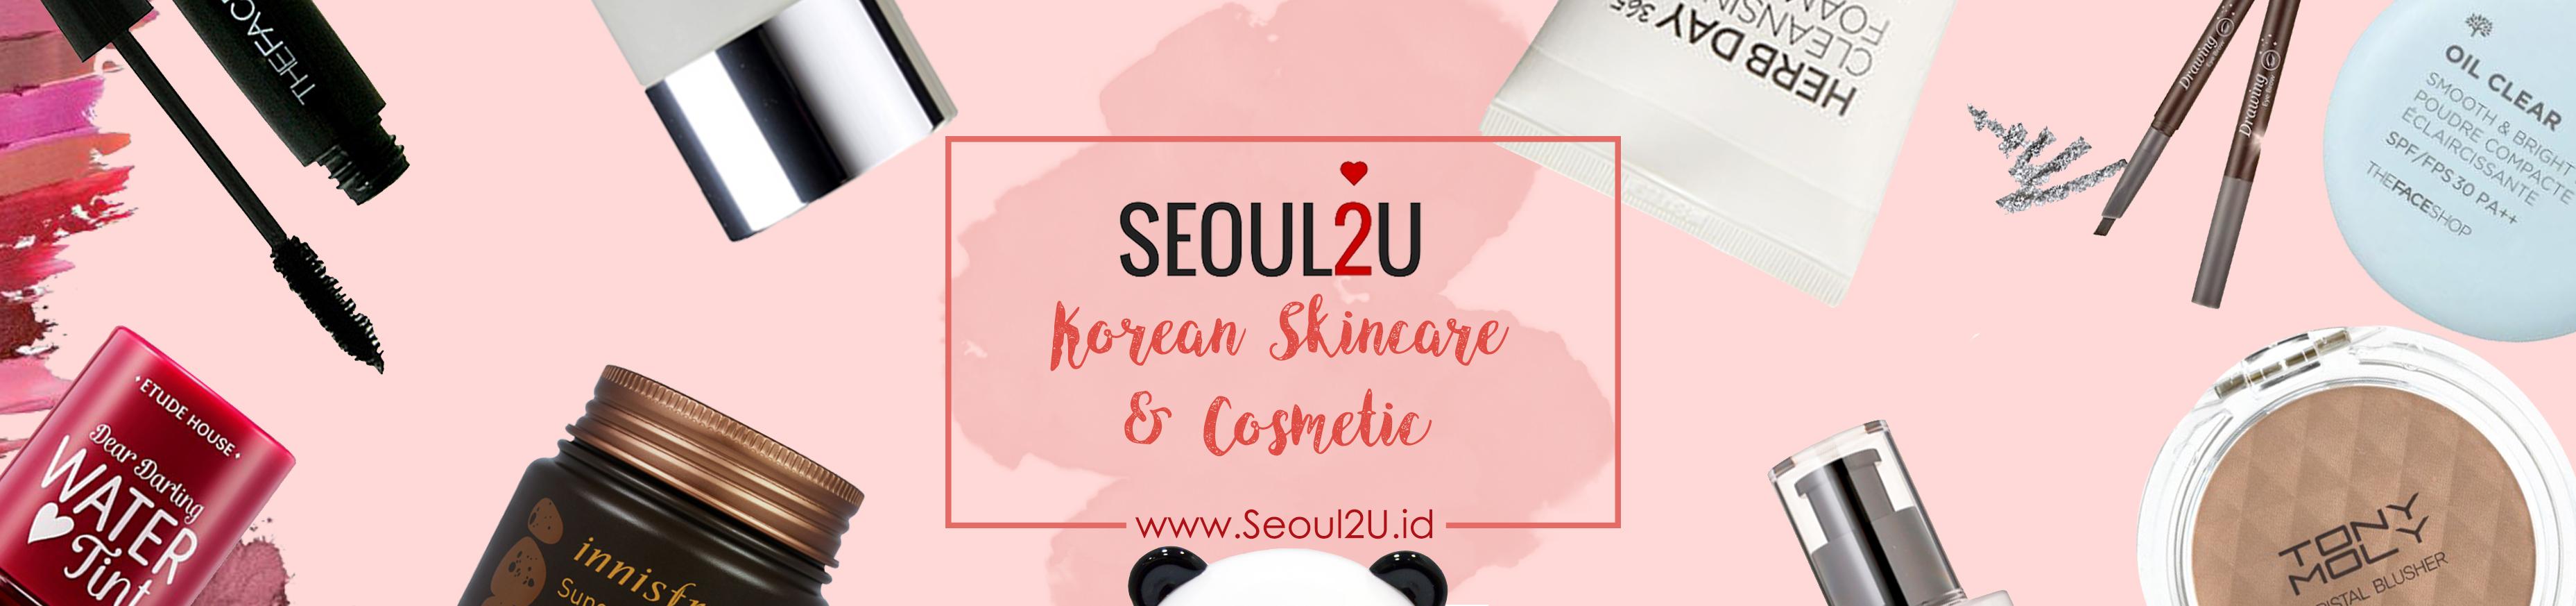 Seoul2U